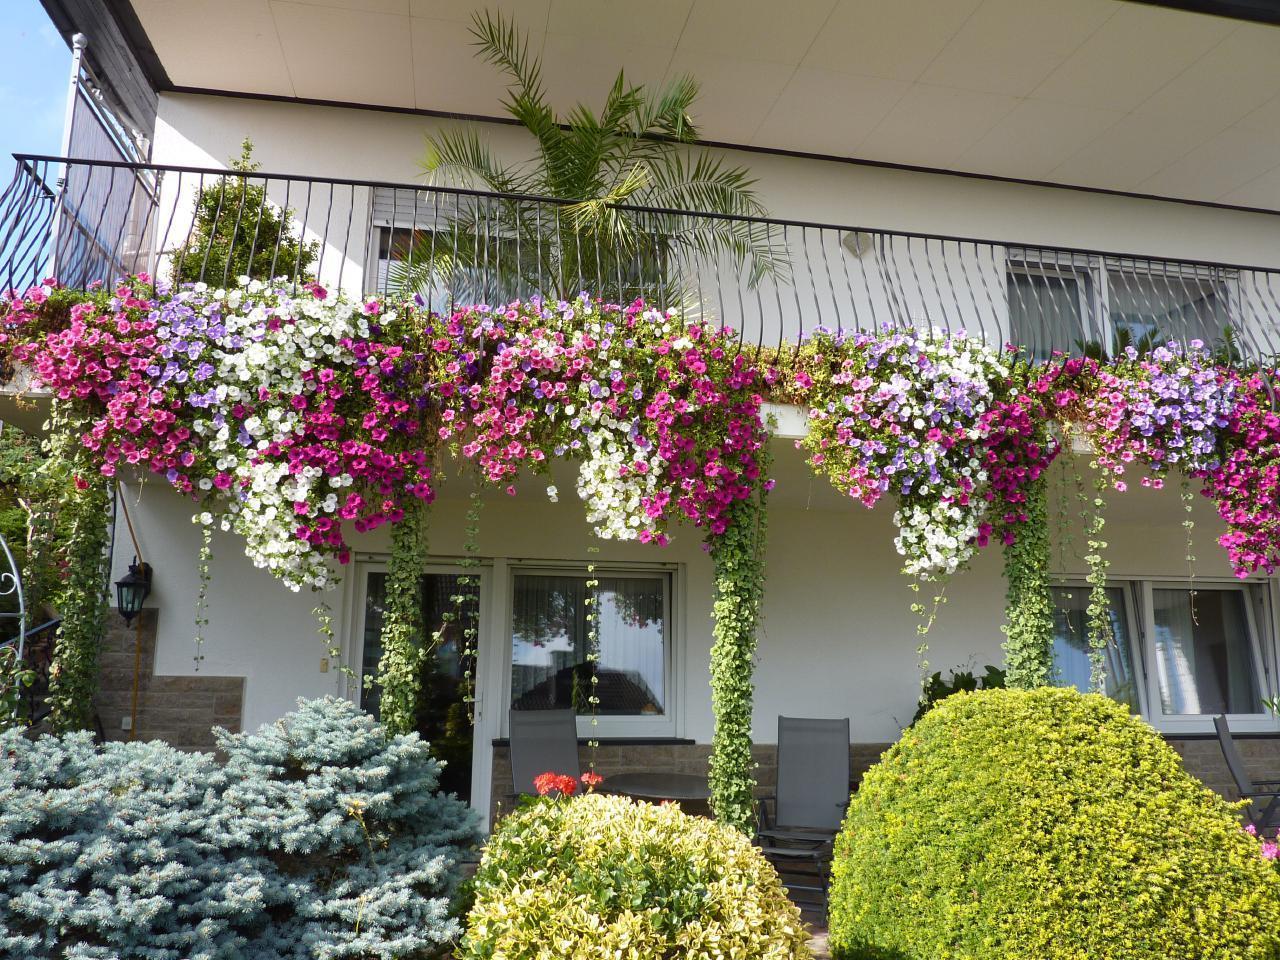 Ferienwohnung Haus Alexandra Fewo1 **** DTV (166446), Schöneberg, Hunsrück, Rheinland-Pfalz, Deutschland, Bild 2